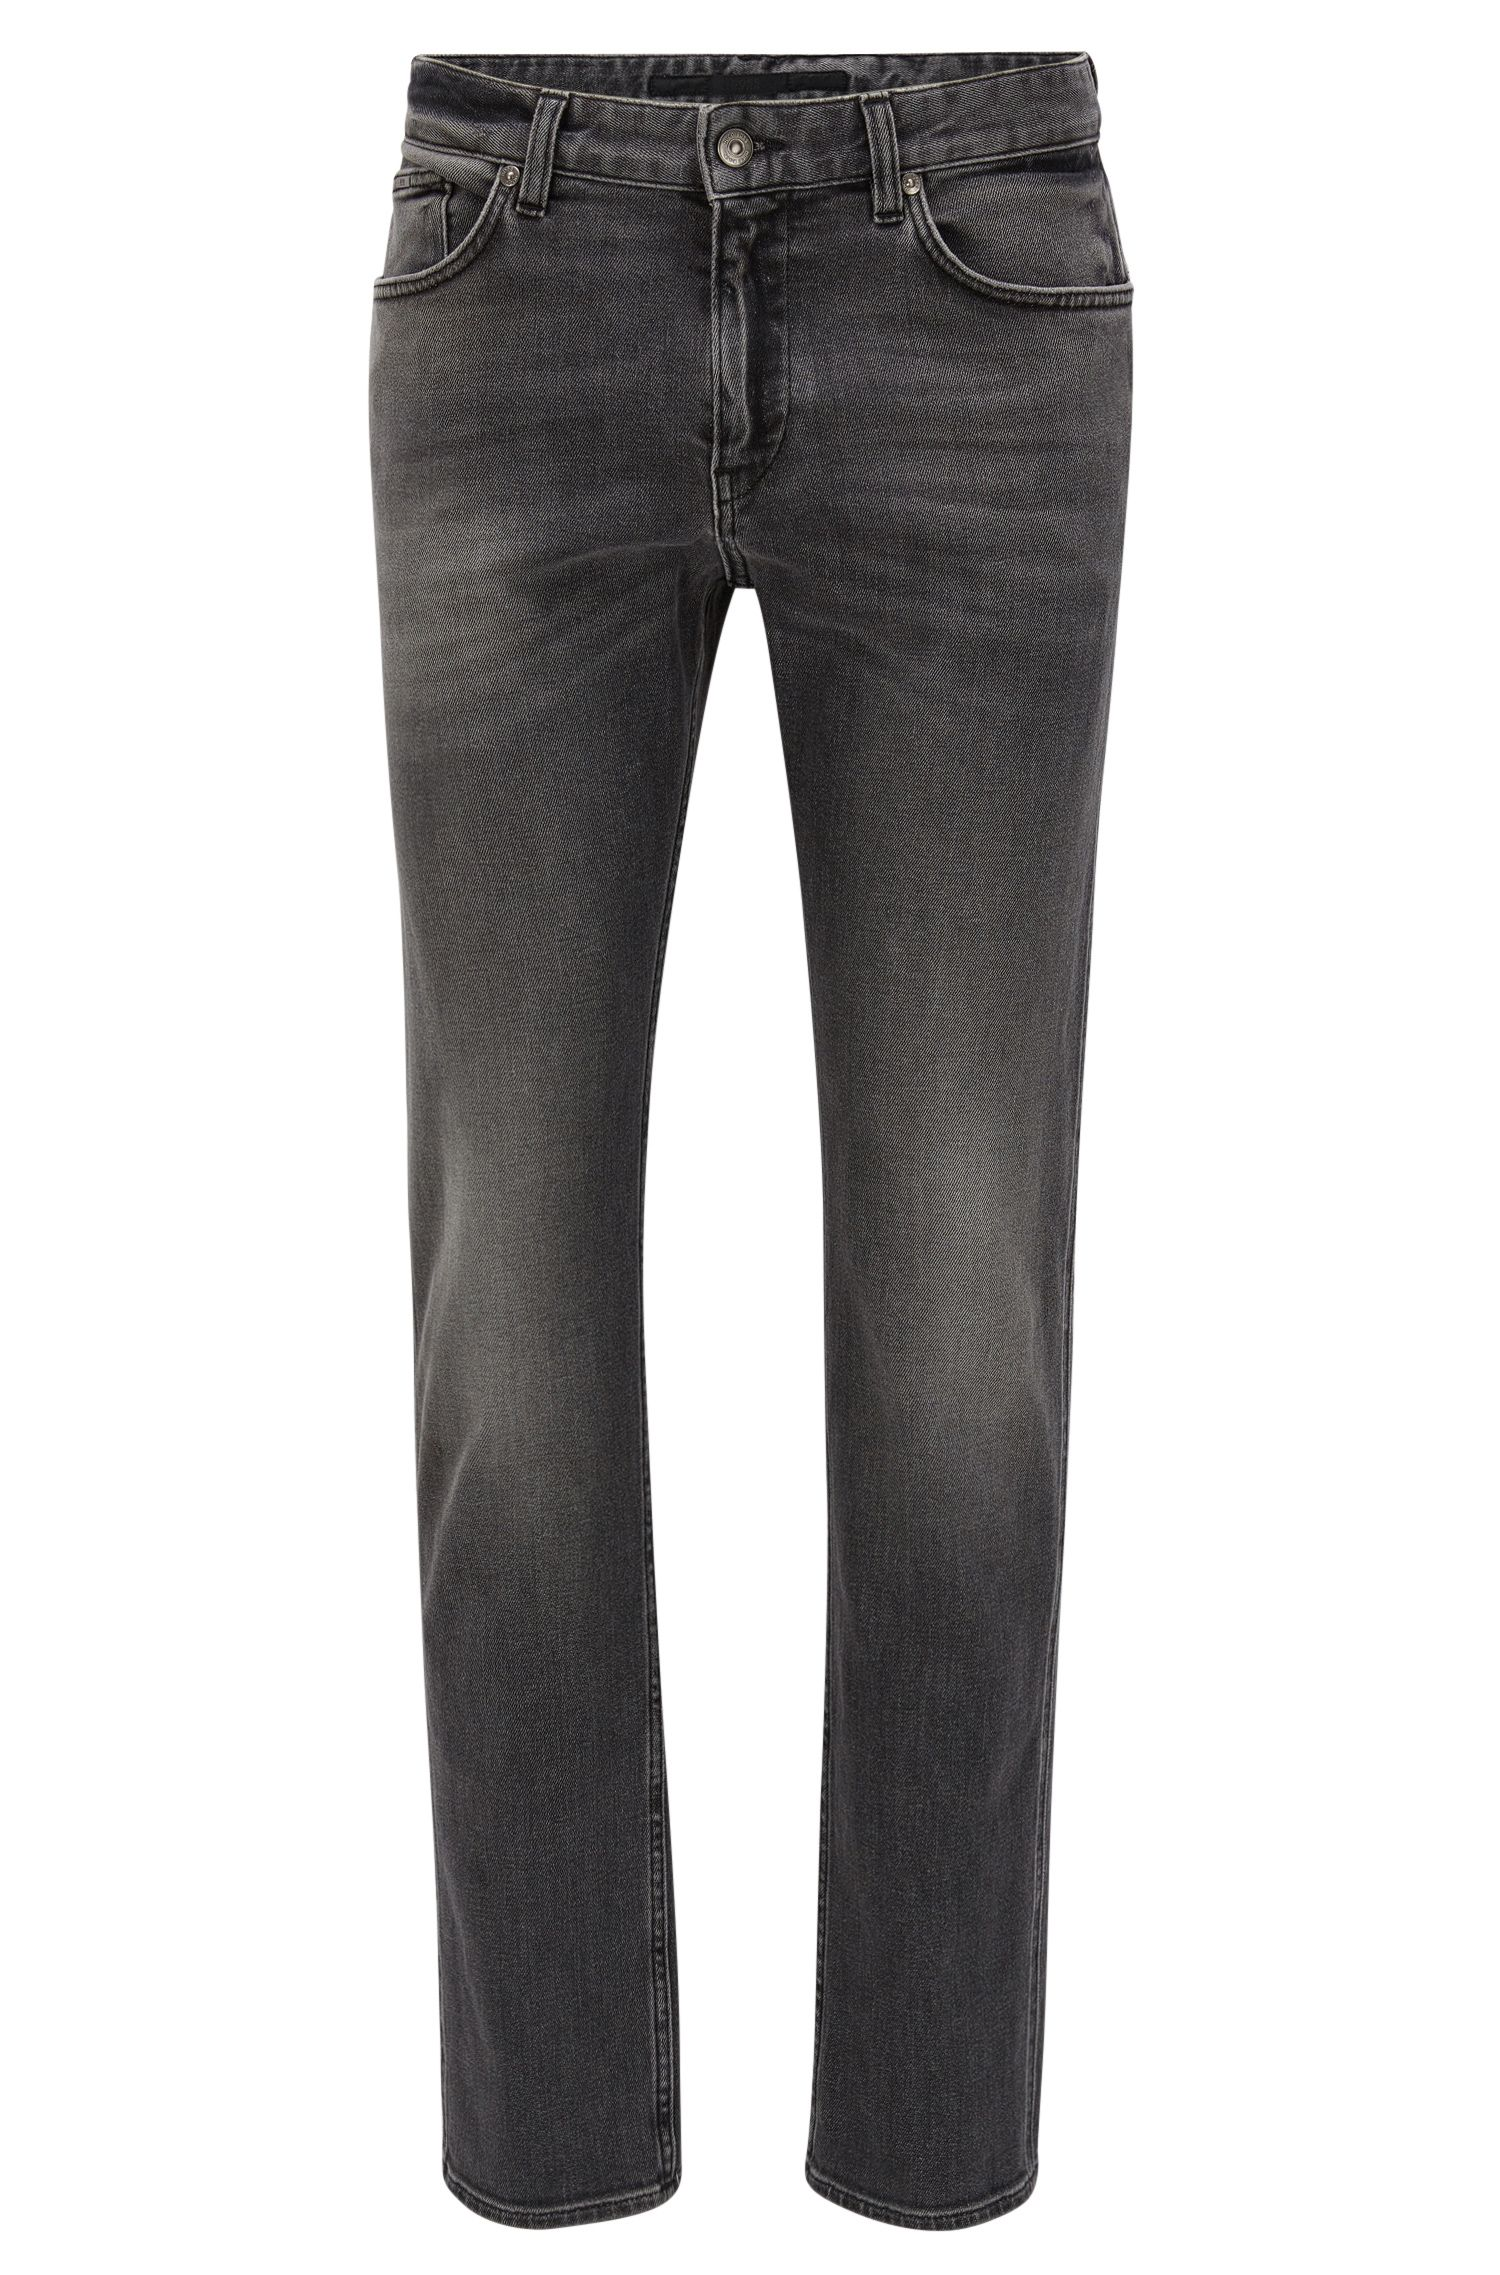 11.25 oz Stretch Cotton Jean, Slim Fit | Delaware WS